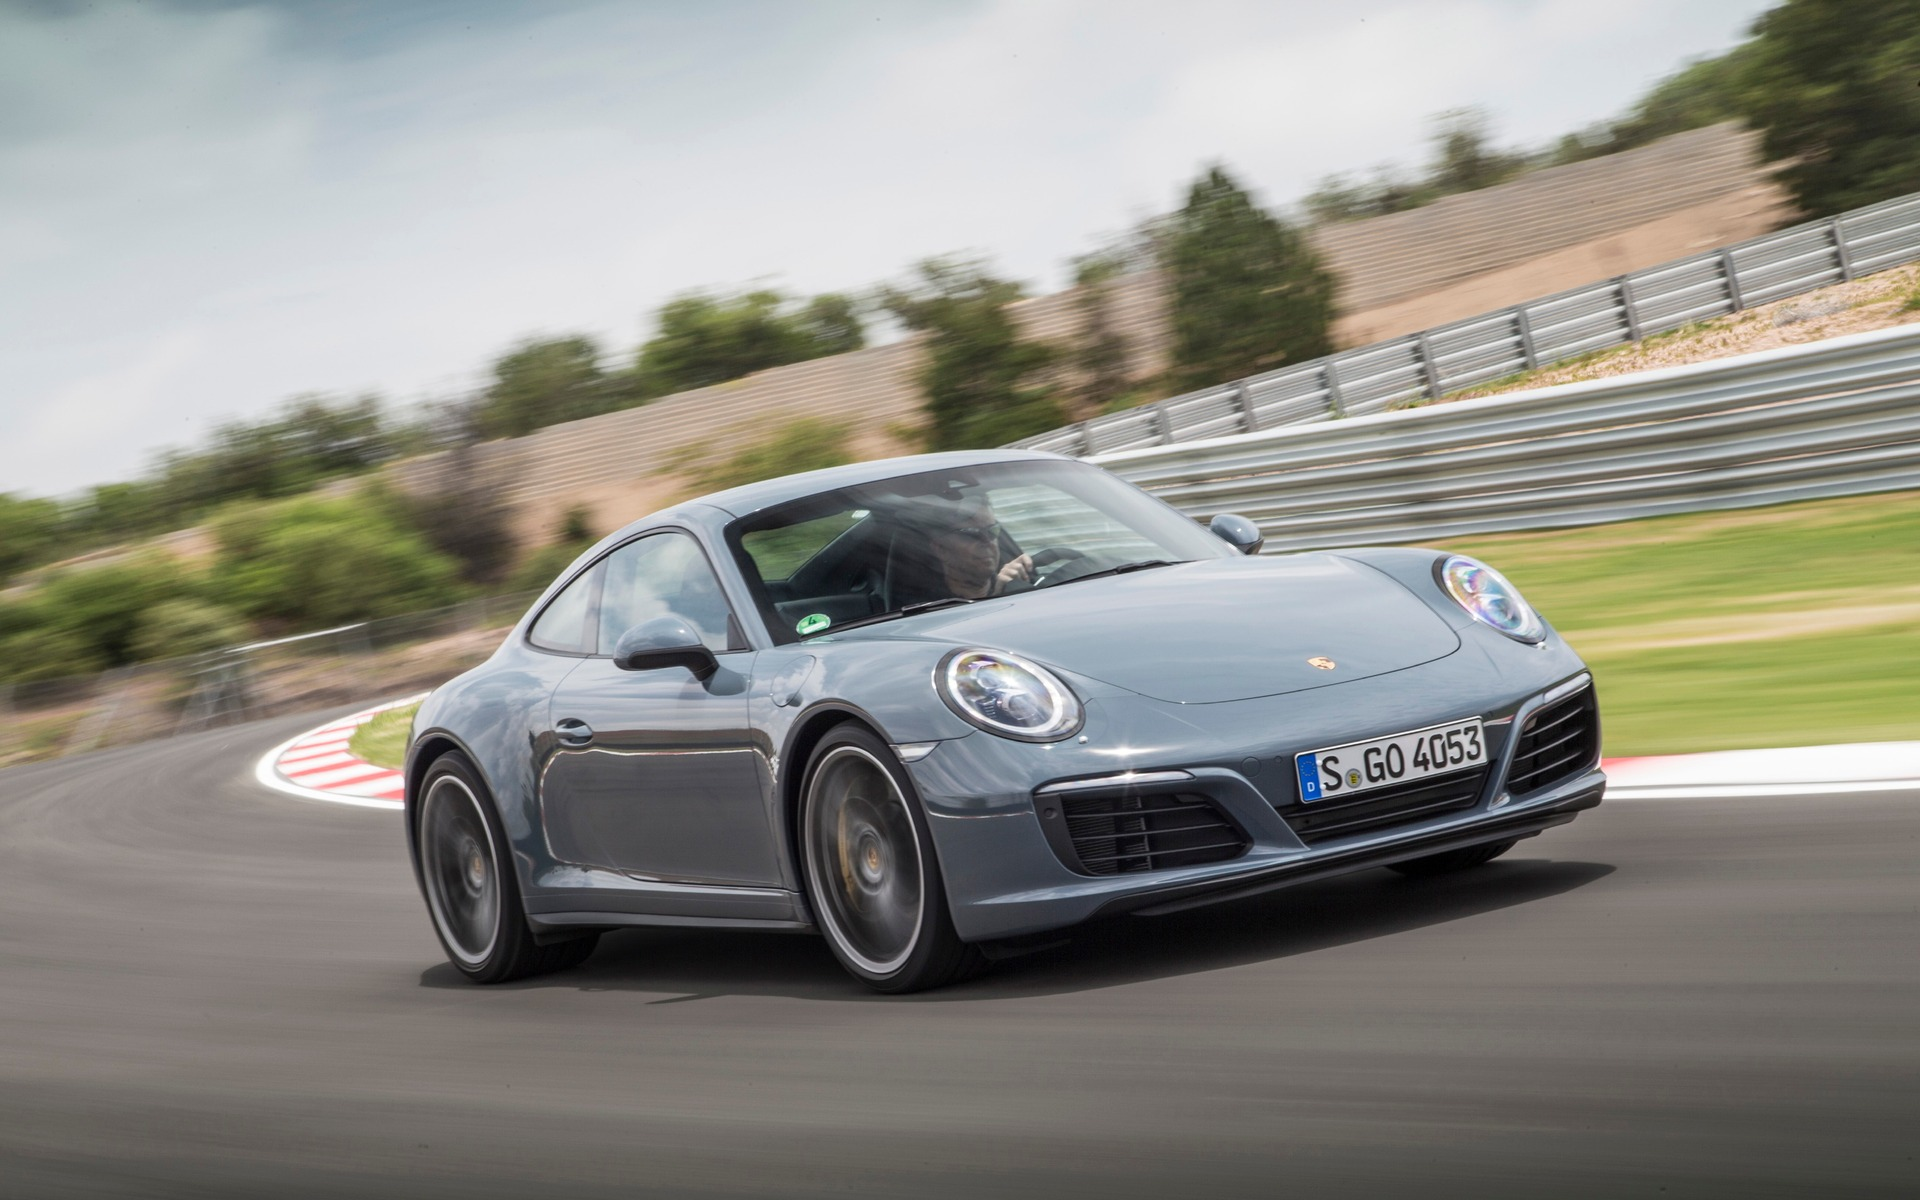 Porsche 911 Carrera 4S à l'essai sur circuit en Afrique du Sud